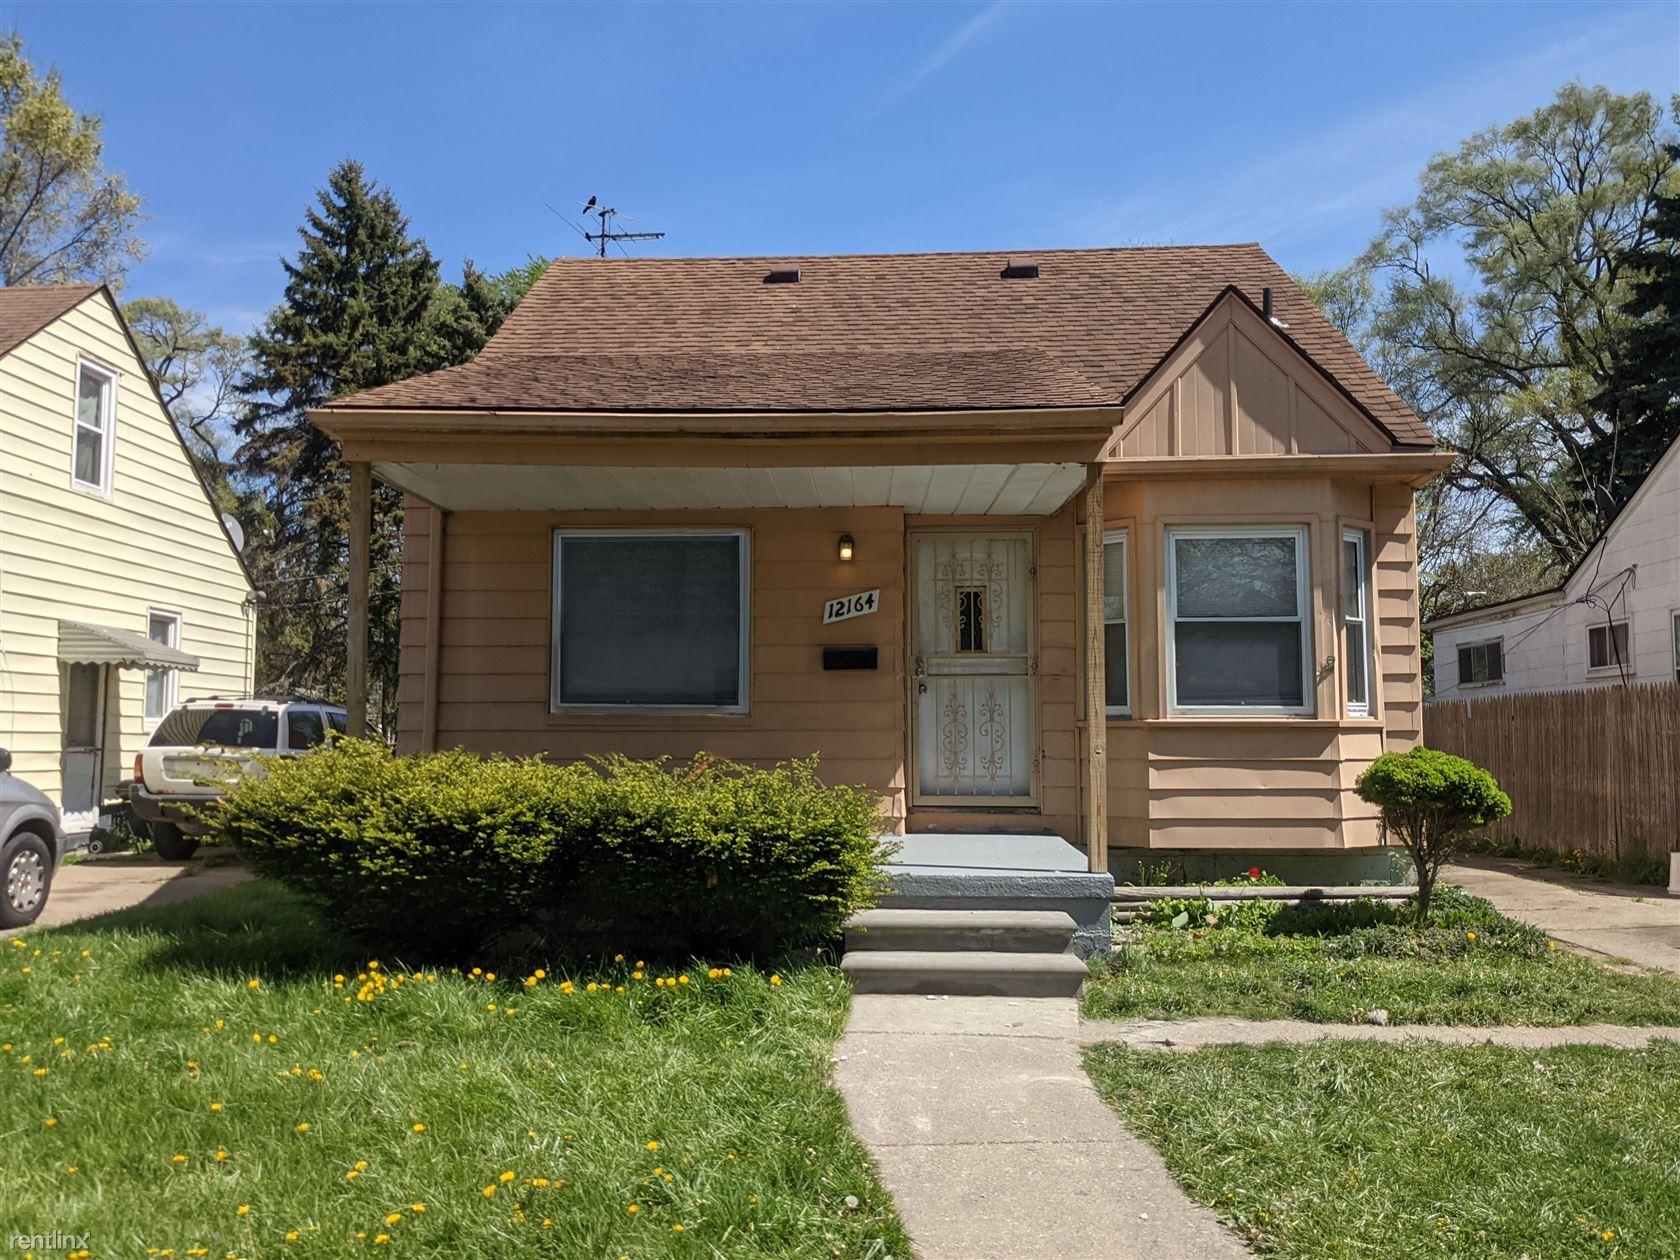 12164 Wayburn St, Detroit, MI - $1,100 USD/ month